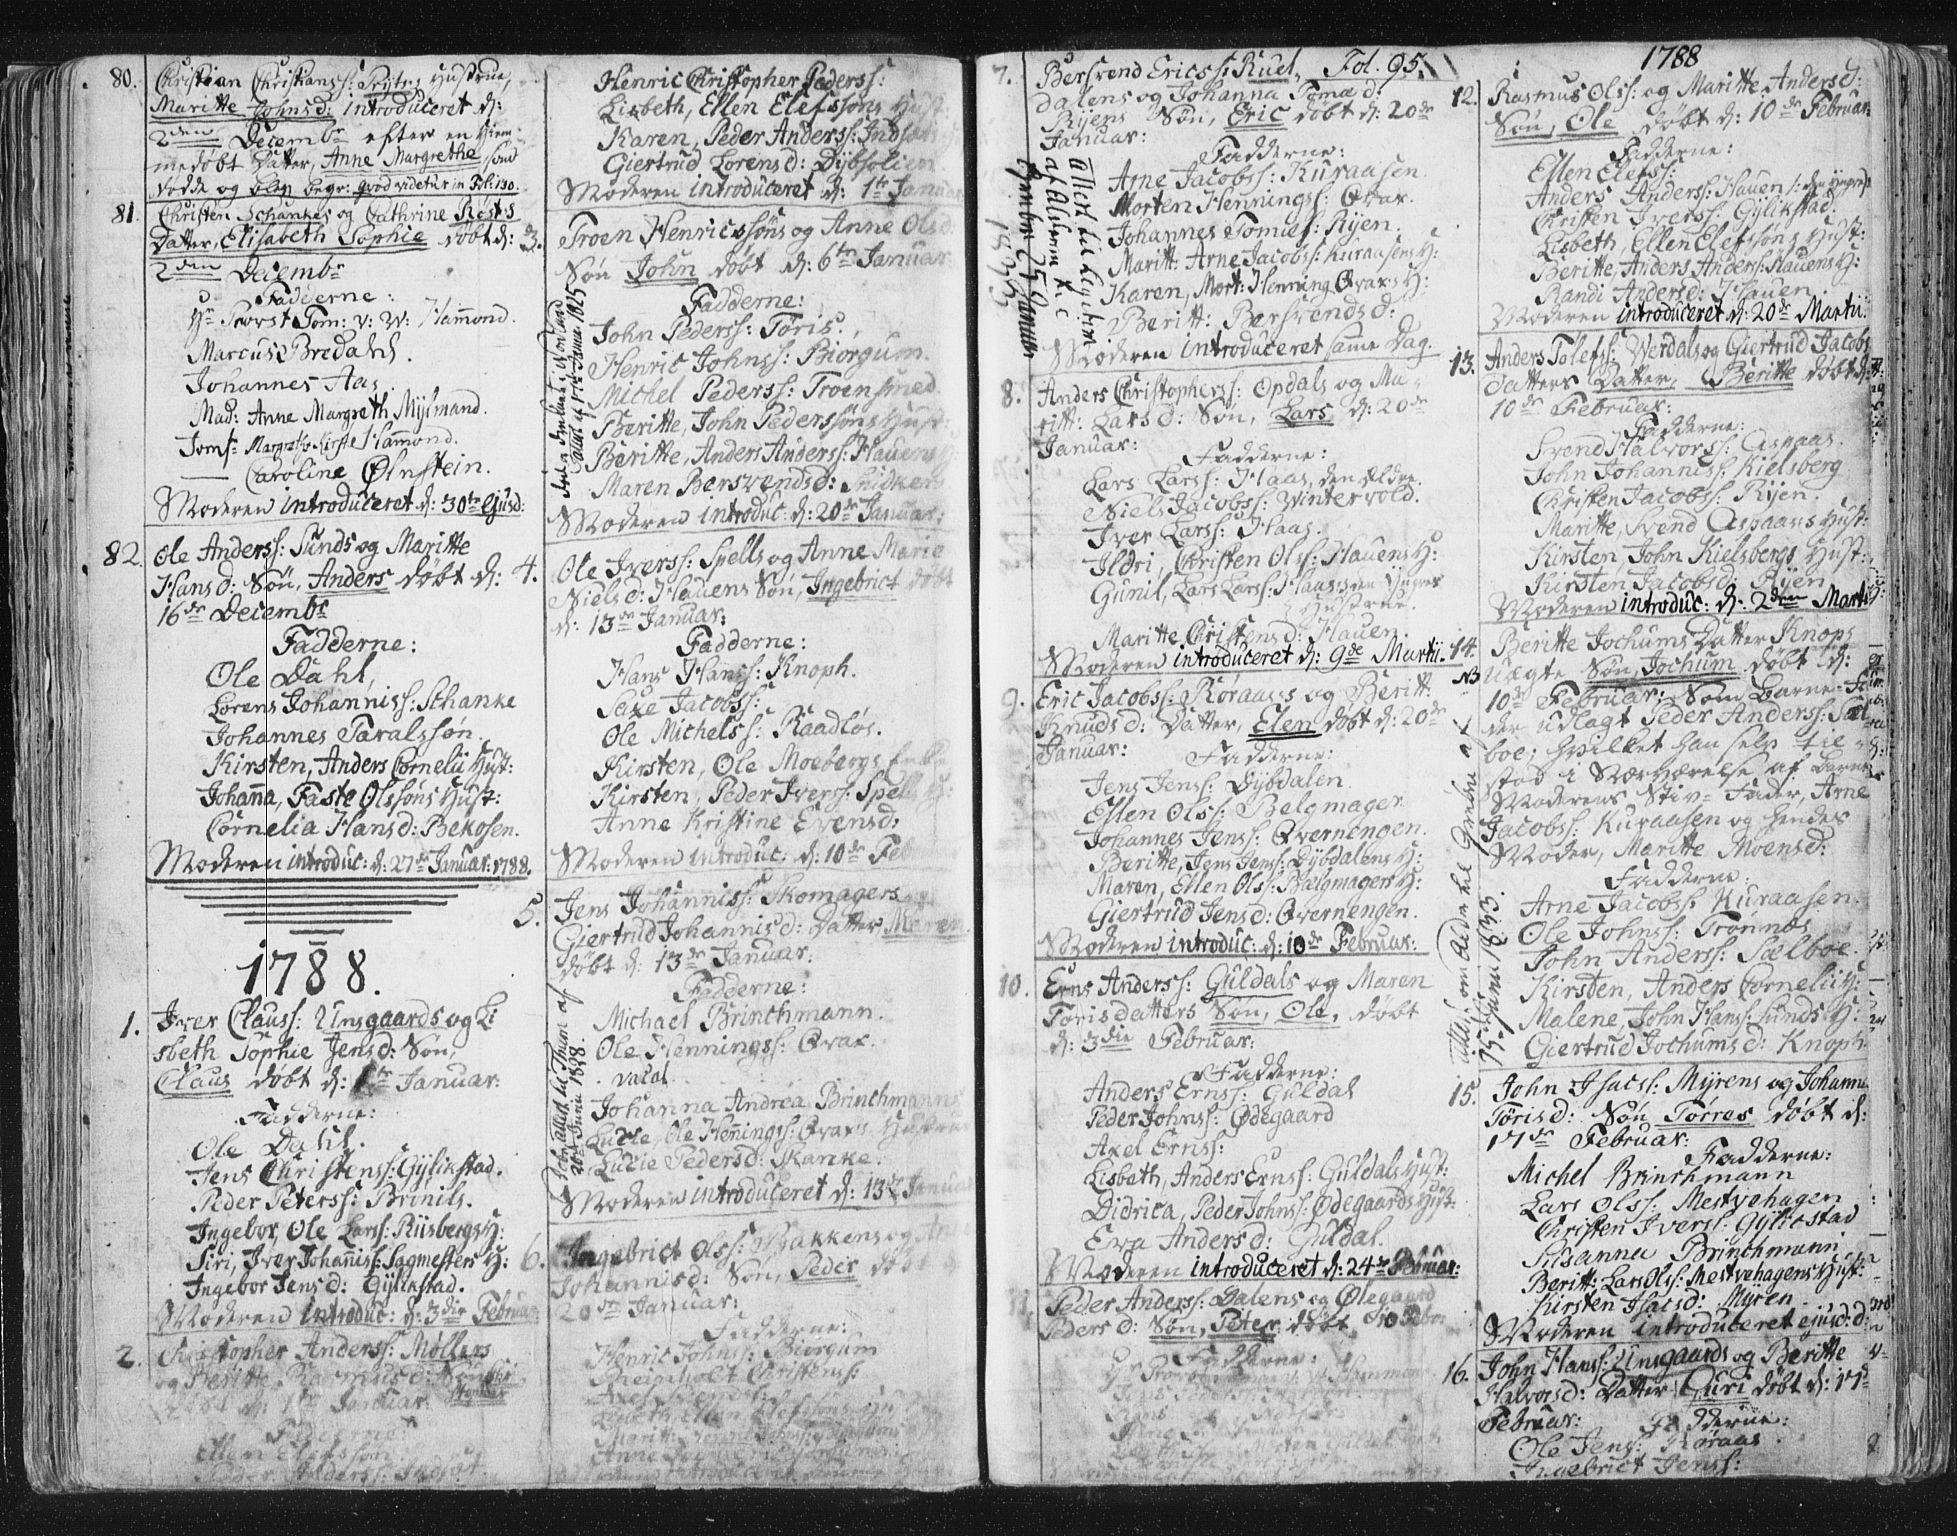 SAT, Ministerialprotokoller, klokkerbøker og fødselsregistre - Sør-Trøndelag, 681/L0926: Ministerialbok nr. 681A04, 1767-1797, s. 95